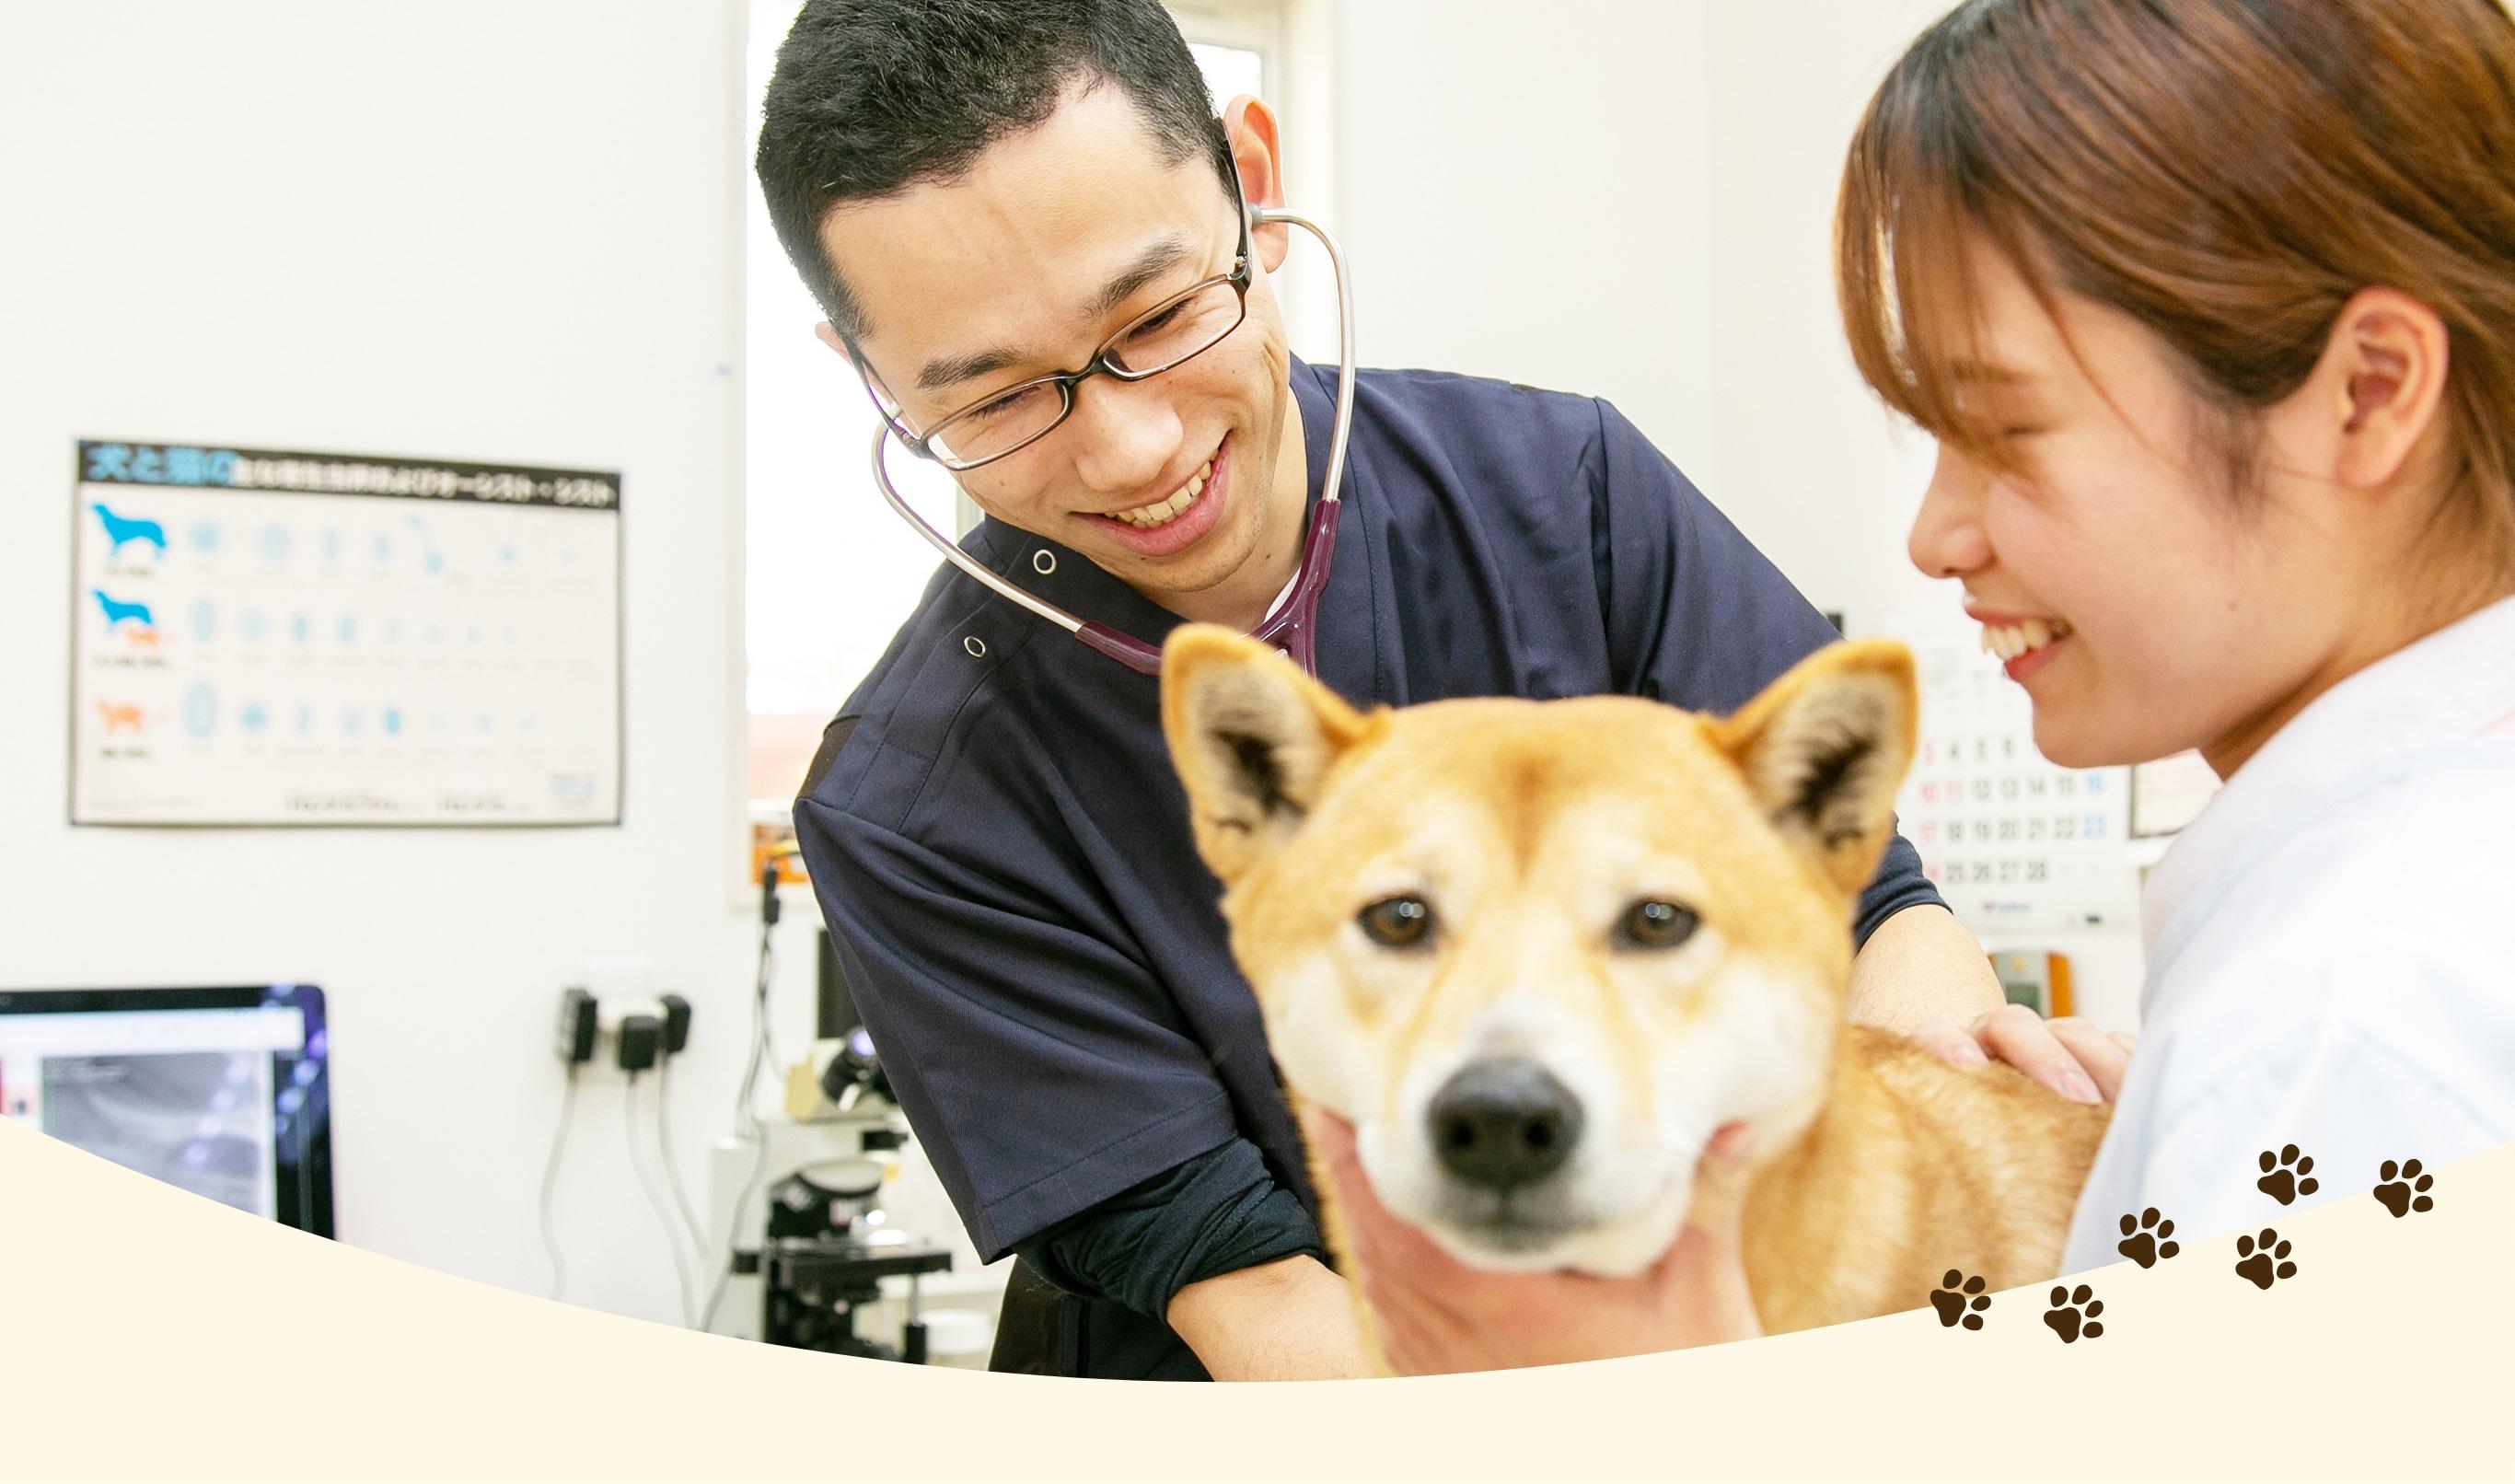 大切な命と健康な生活をお守りします ワンちゃん・ネコちゃんと飼い主様のかけがえのない時間を医療面からサポート